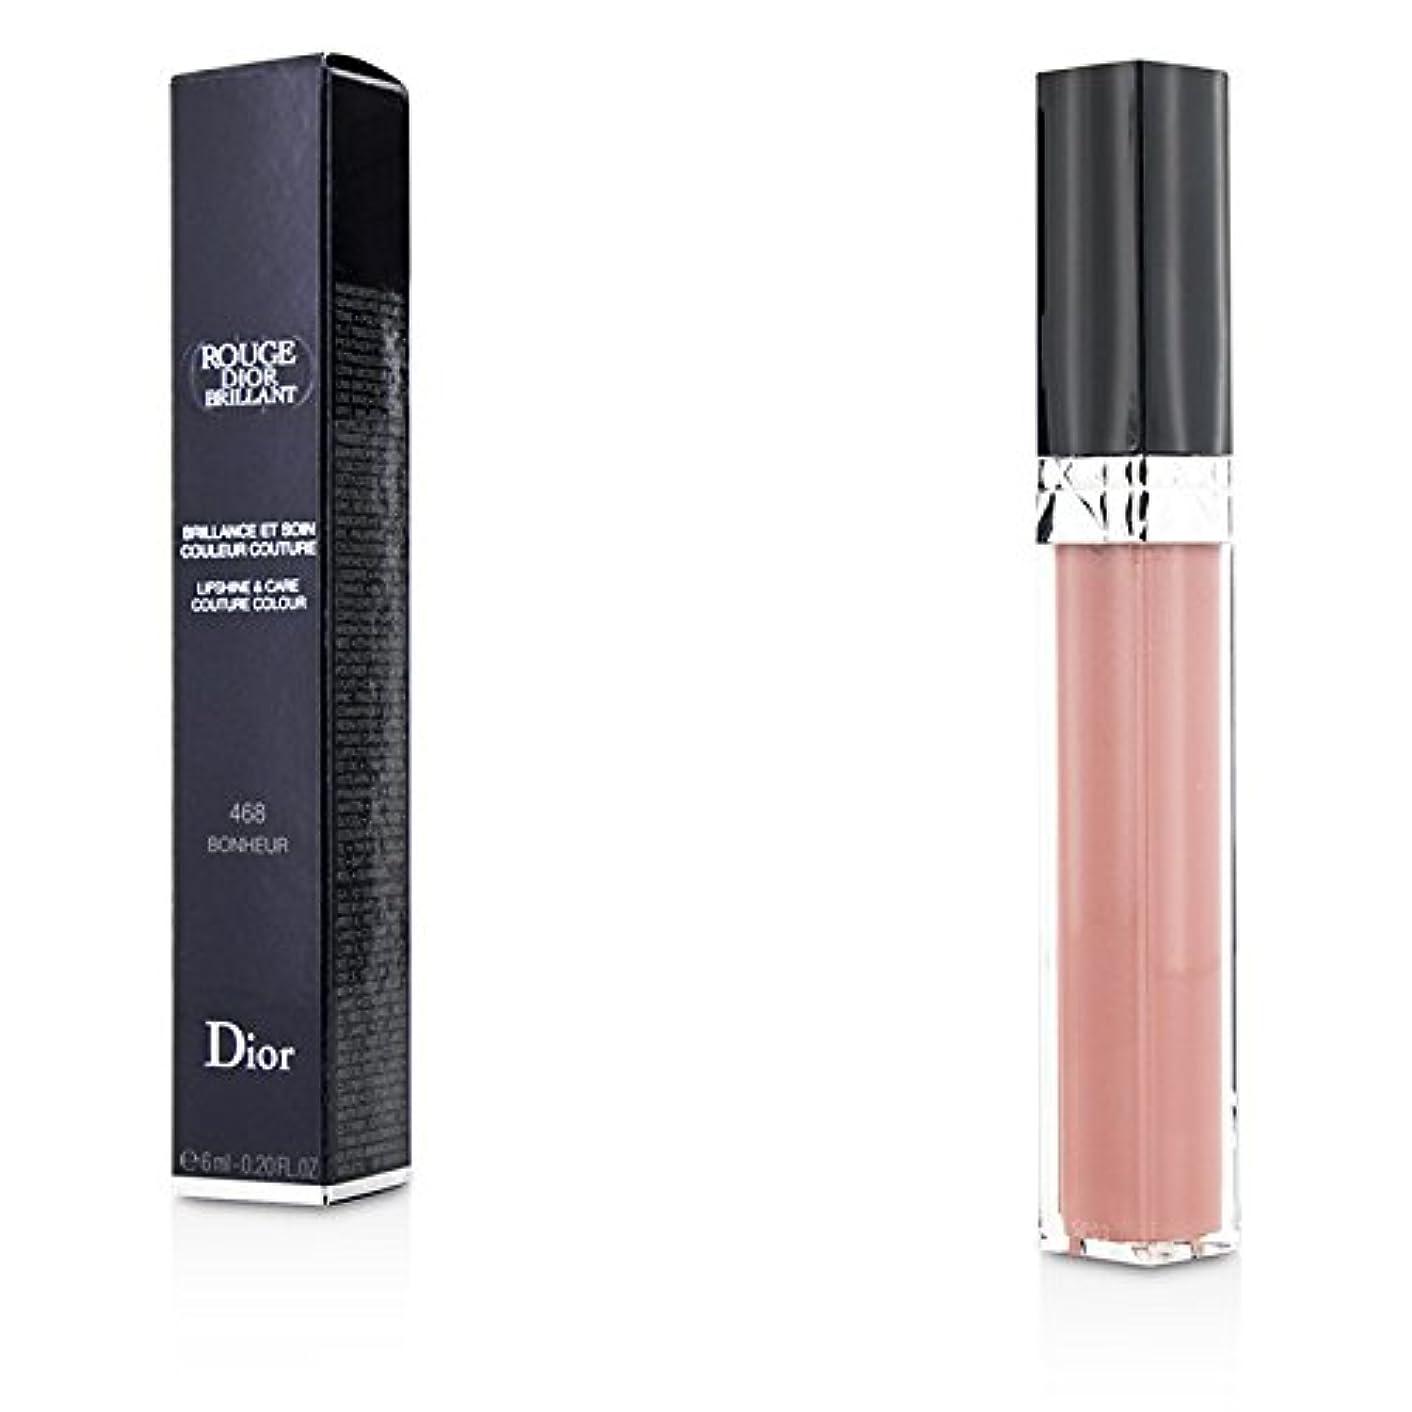 実用的他の日衛星クリスチャンディオール Rouge Dior Brillant Lipgloss - # 468 Bonheur 6ml/0.2oz並行輸入品